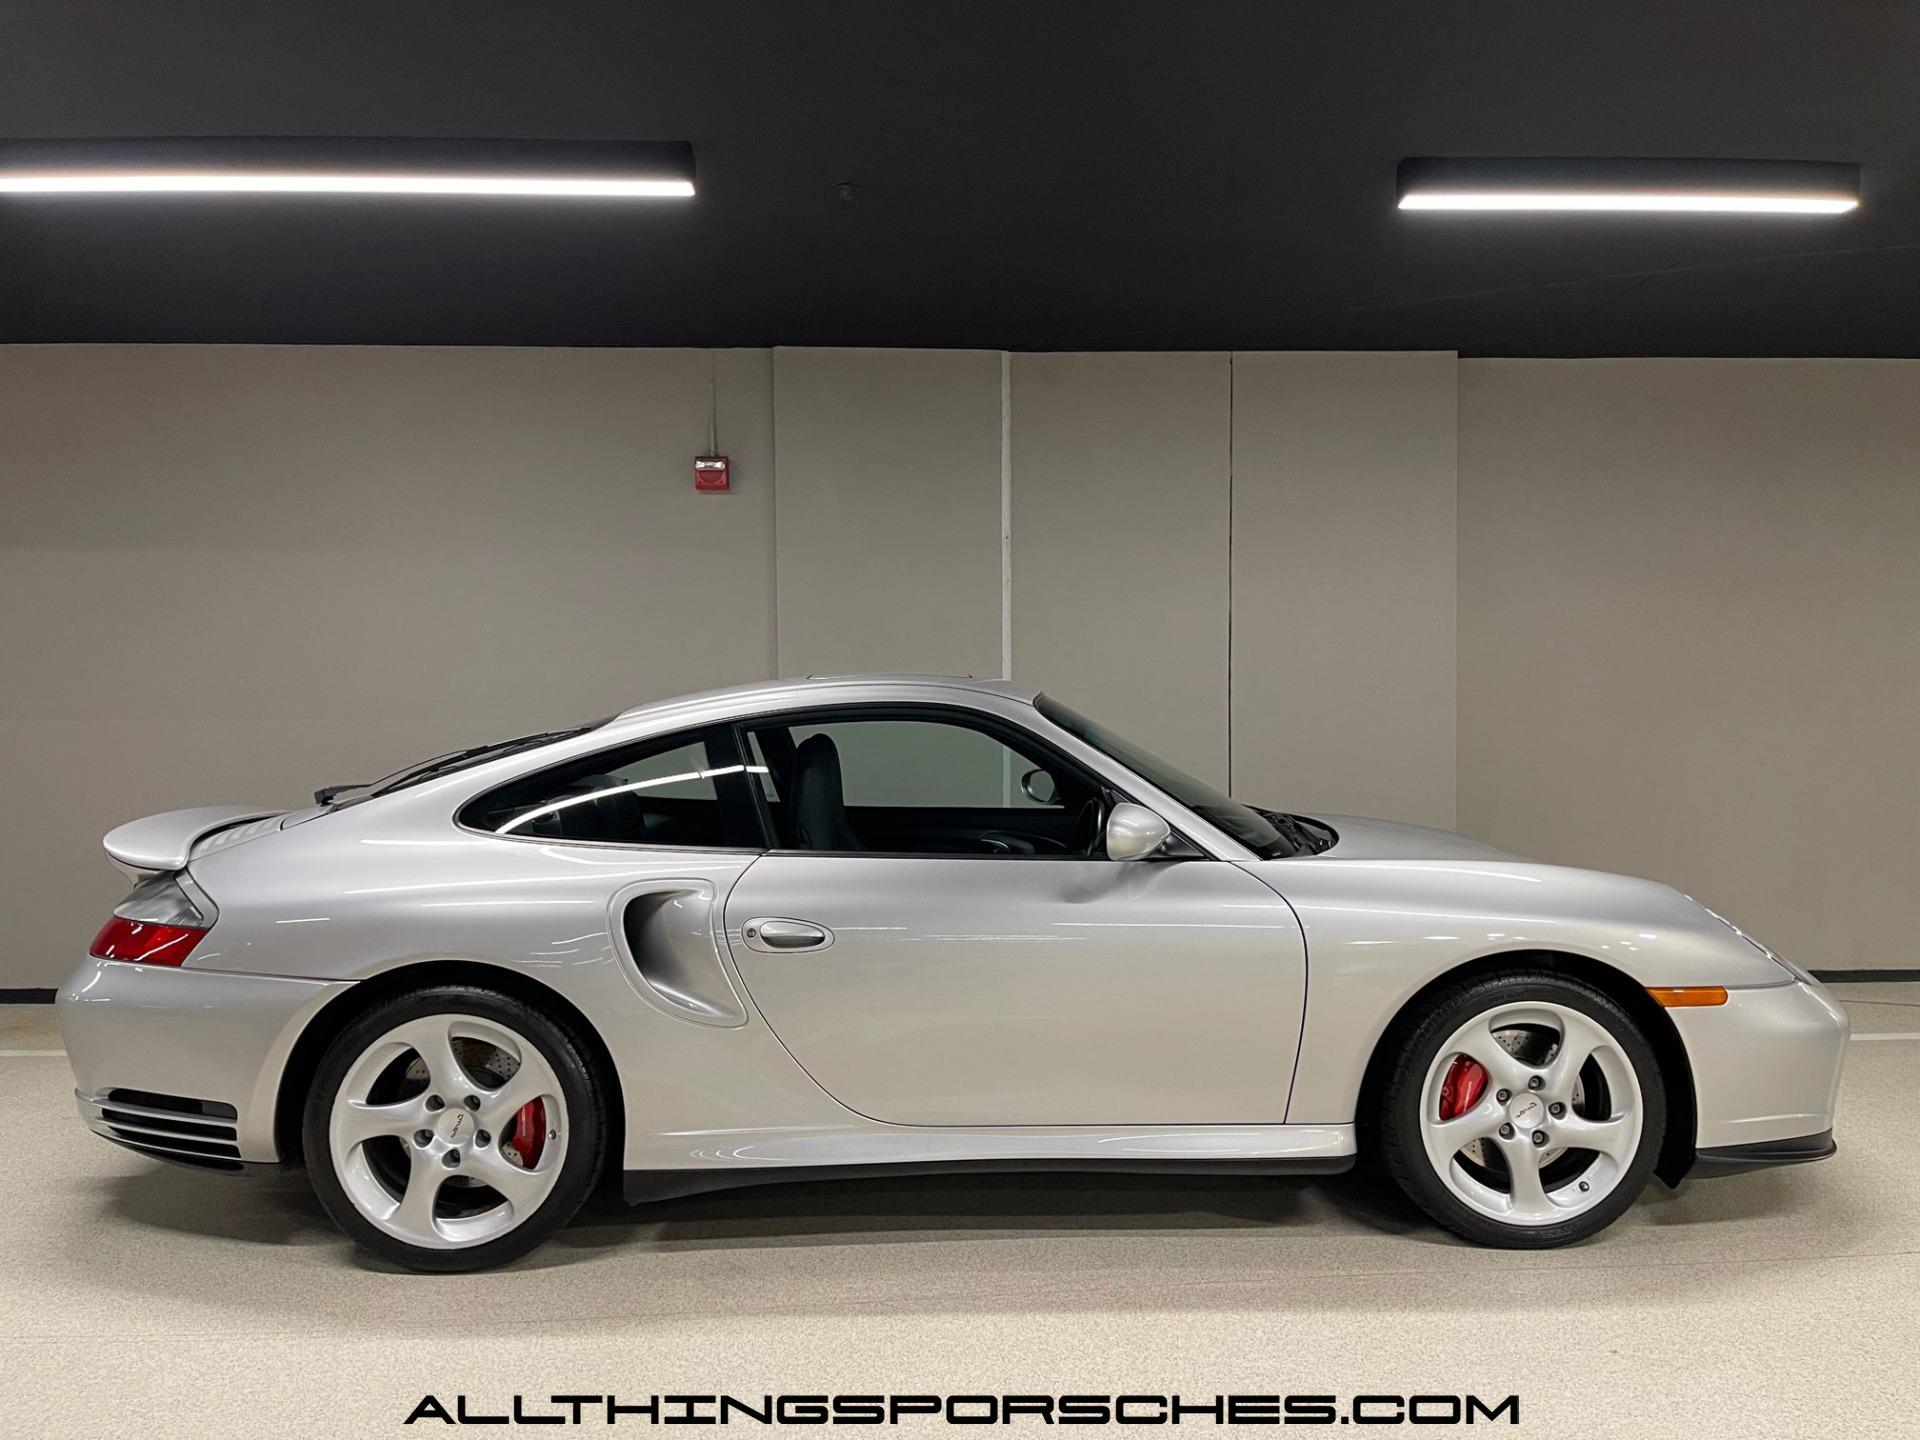 Used 2003 Porsche 911 Turbo   North Miami Beach, FL